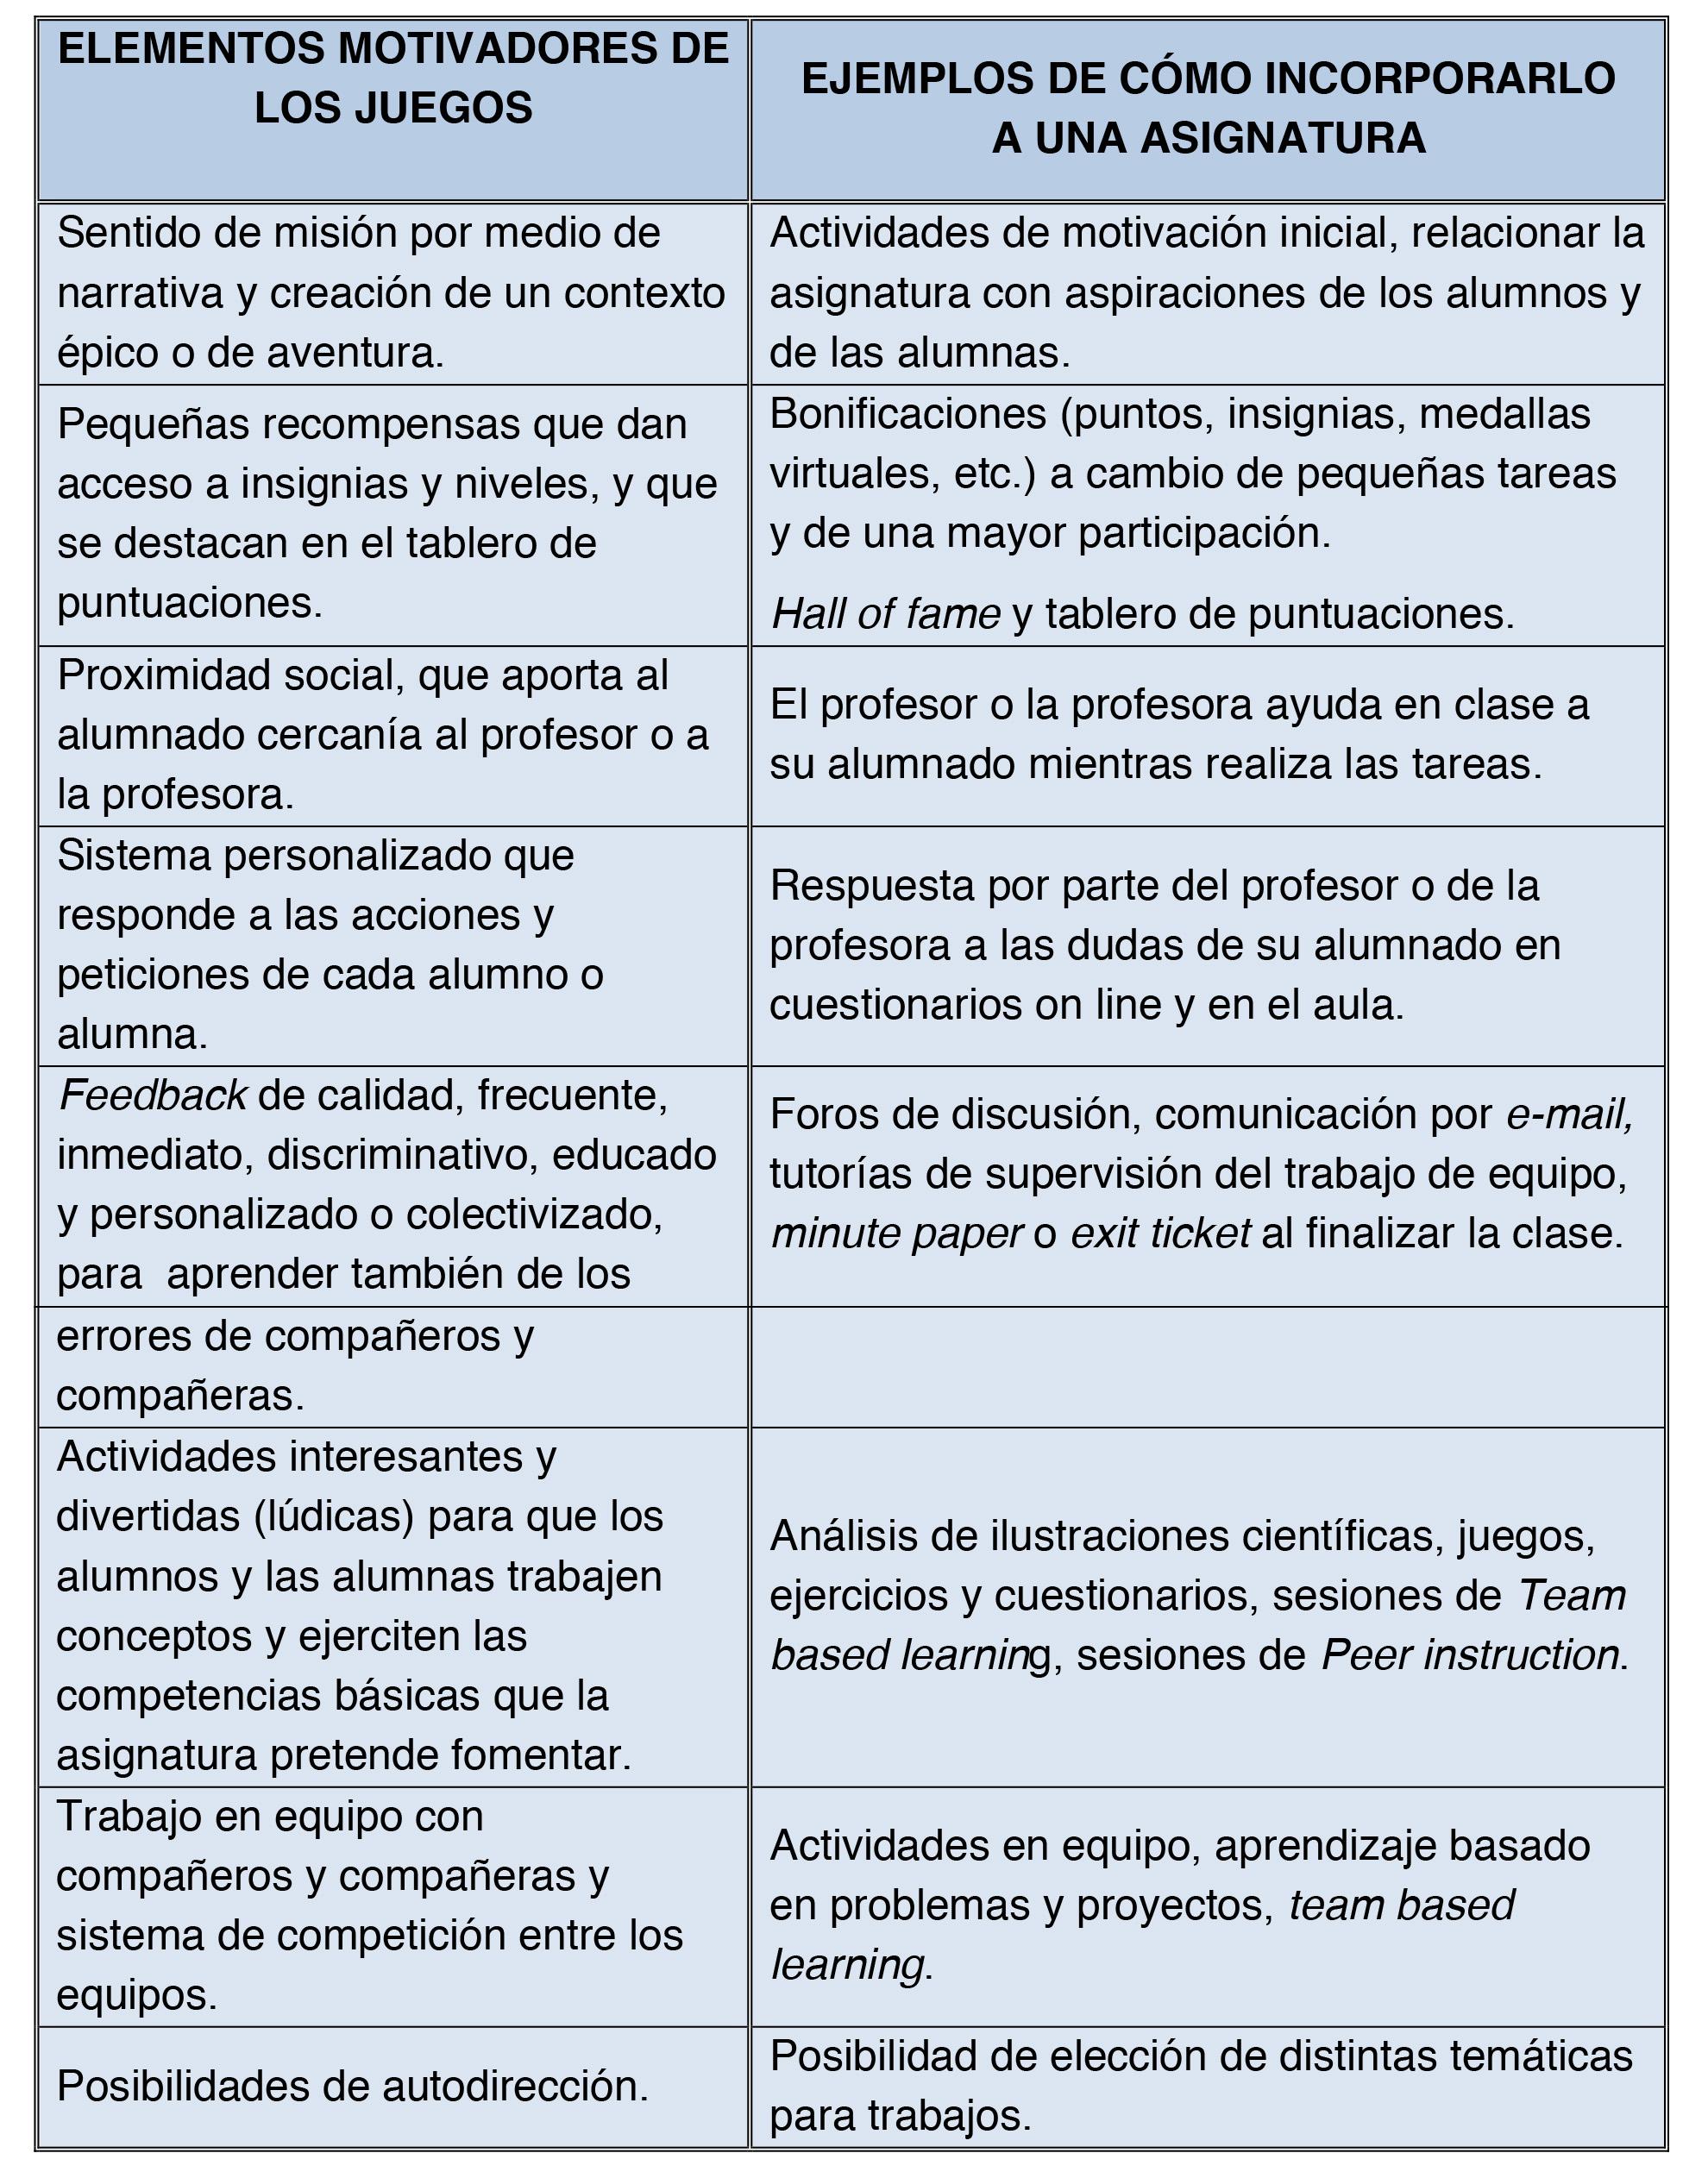 Microsoft Word - Gamificación.docx